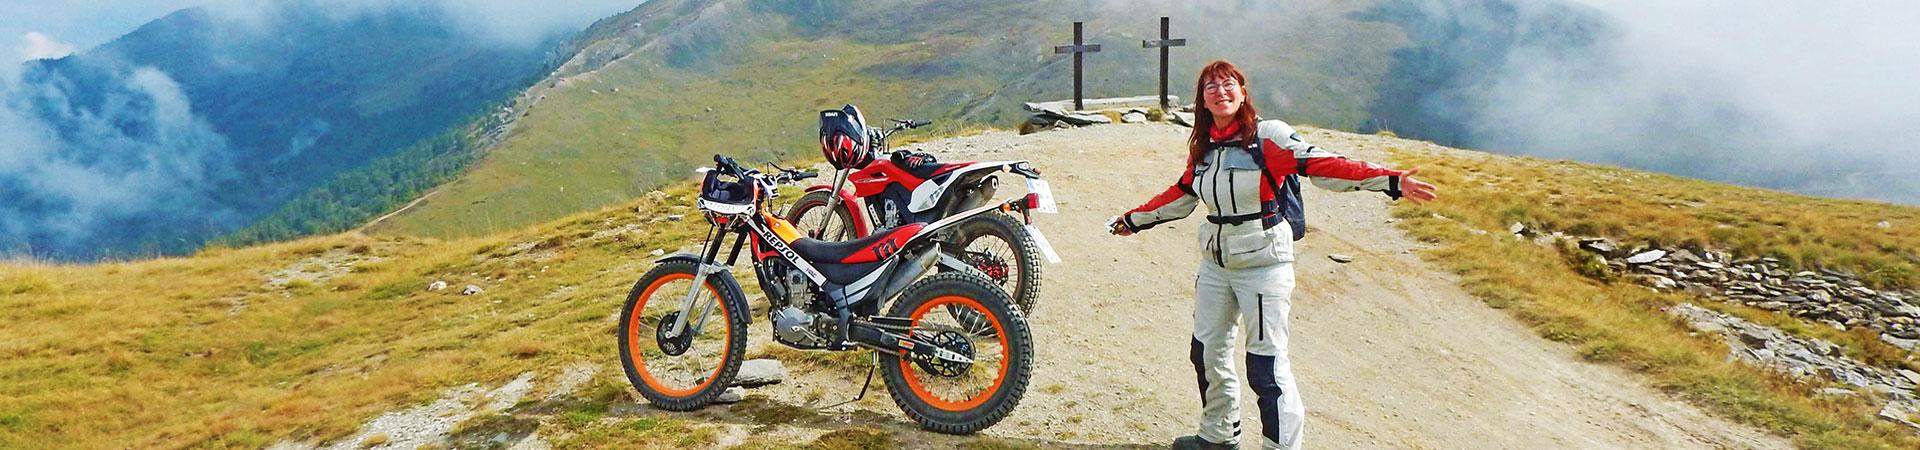 Titelbild-Montesa-Trialfahren-in-den-Alpen_27-01-2020_ccf45